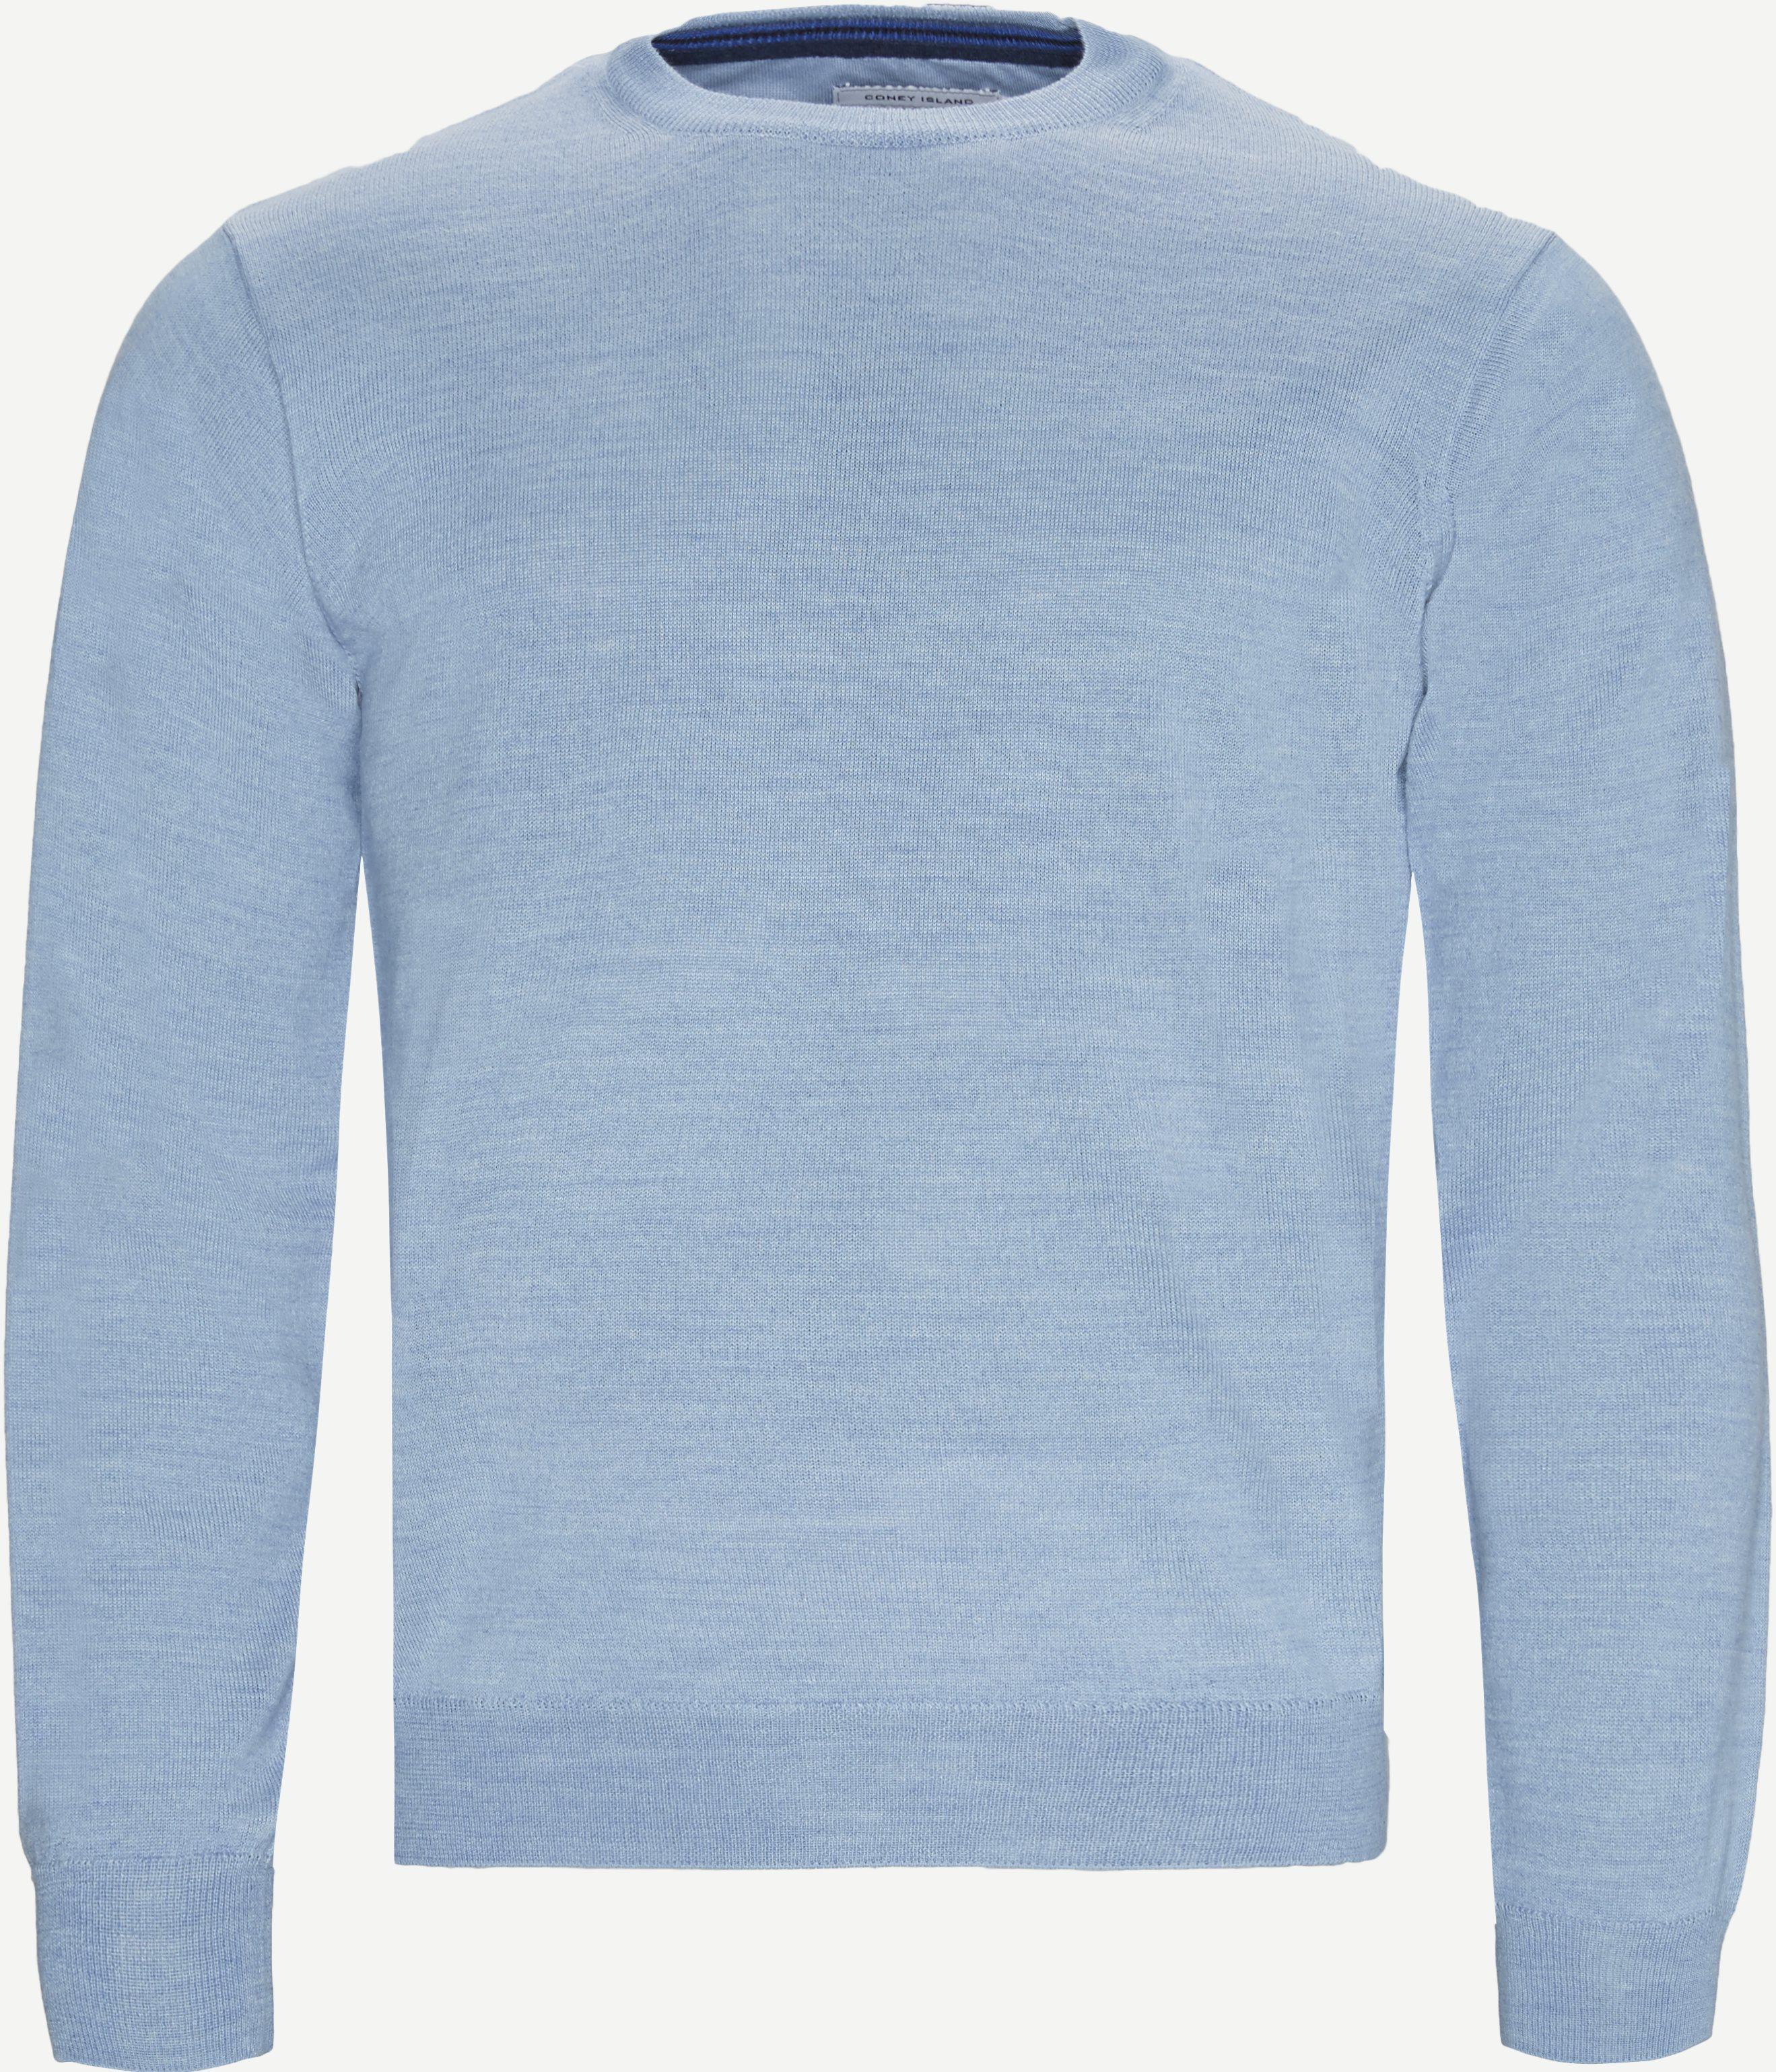 Stickat - Regular fit - Blå